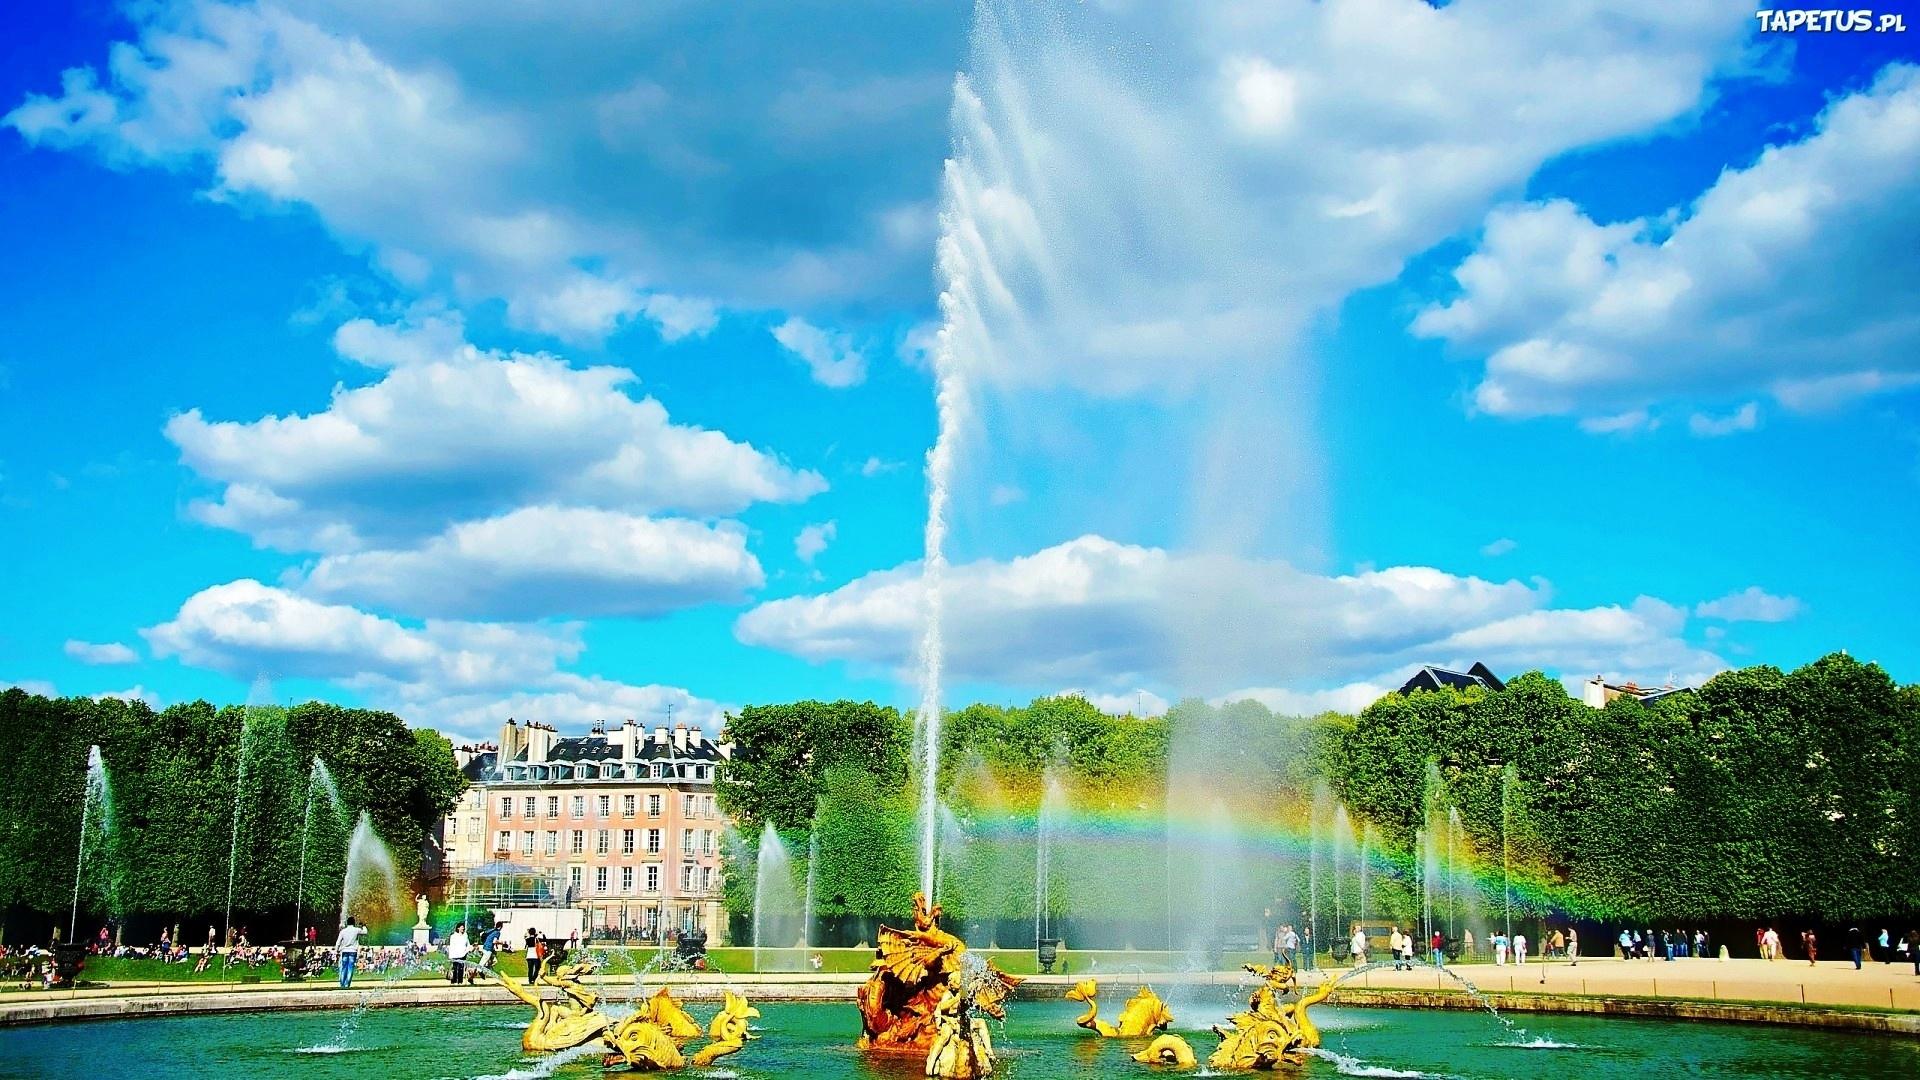 дворец фонтан в хорошем качестве